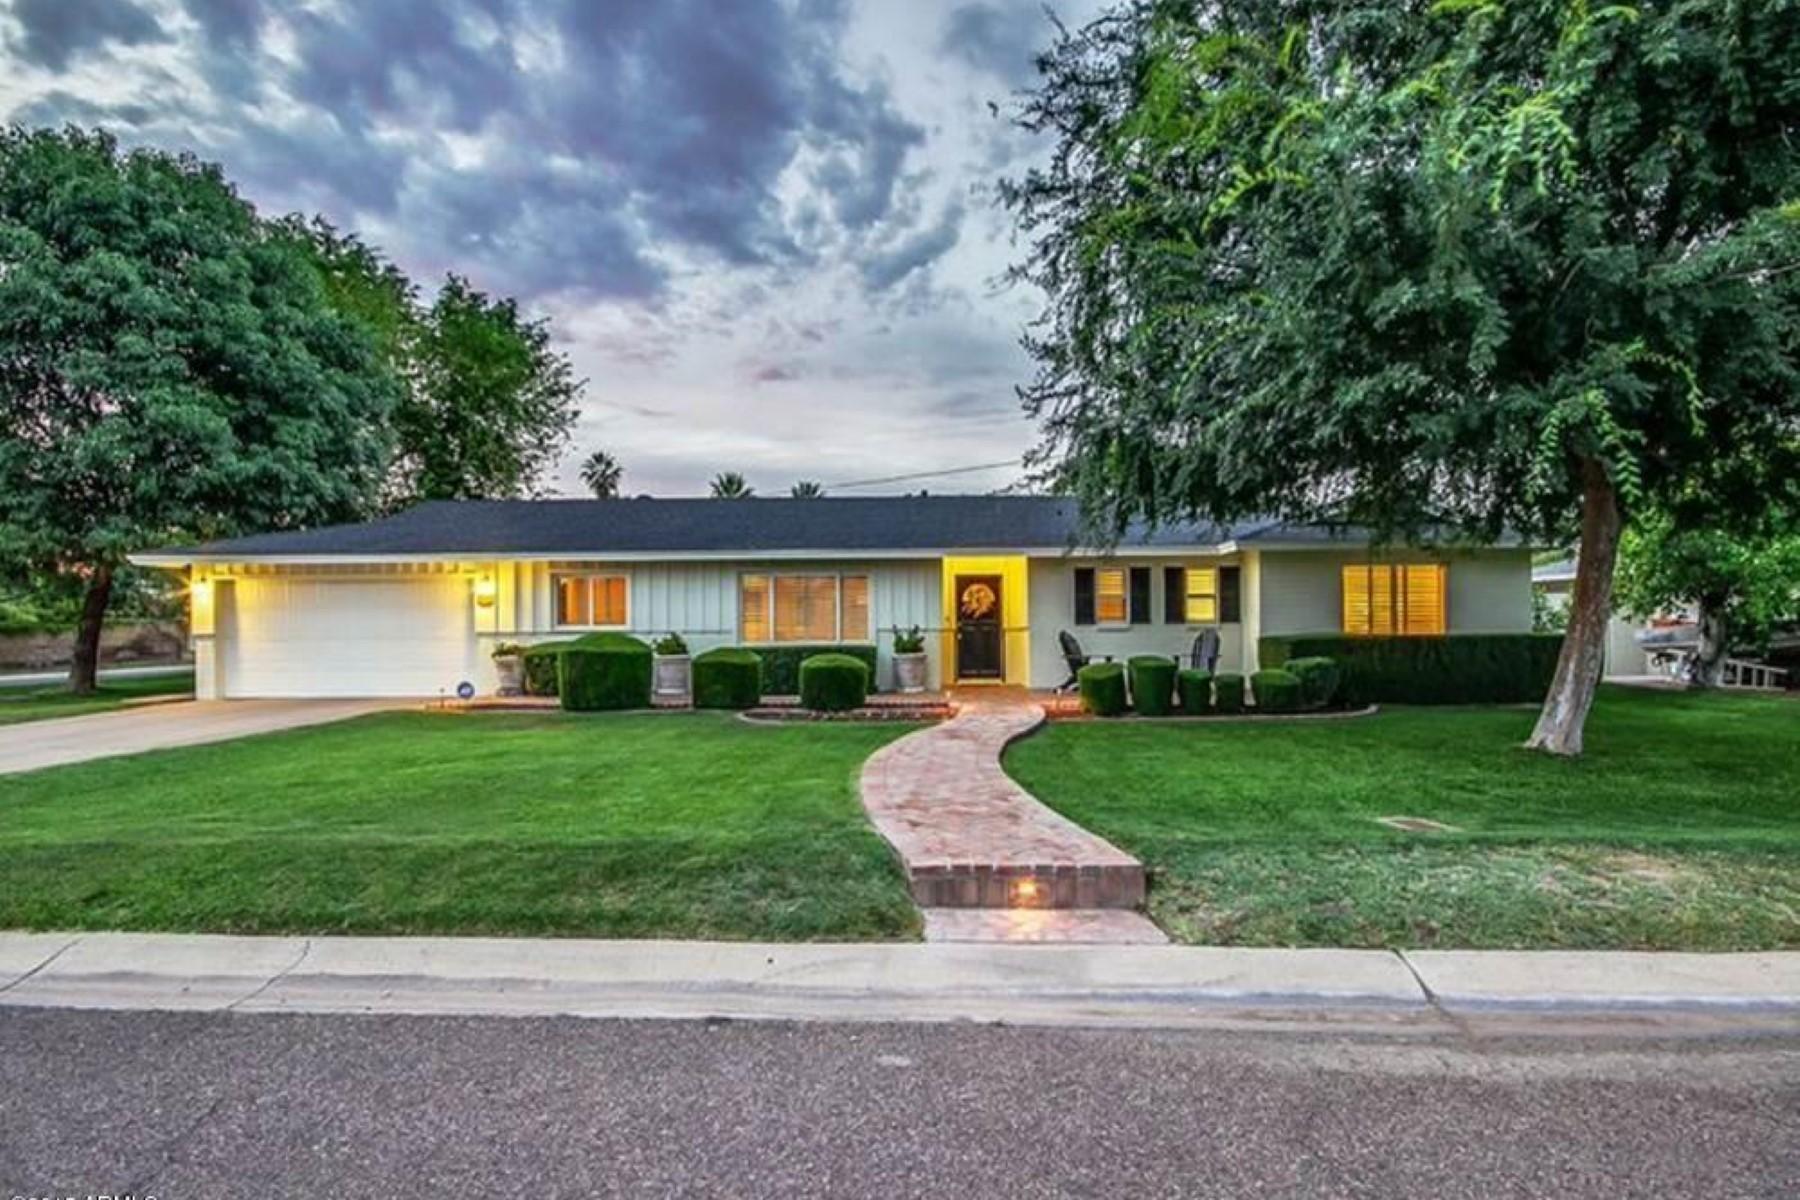 Maison unifamiliale pour l Vente à Quintessential Arcadia ranch on an oversized corner lot. 4034 E Coolidge ST Phoenix, Arizona 85018 États-Unis